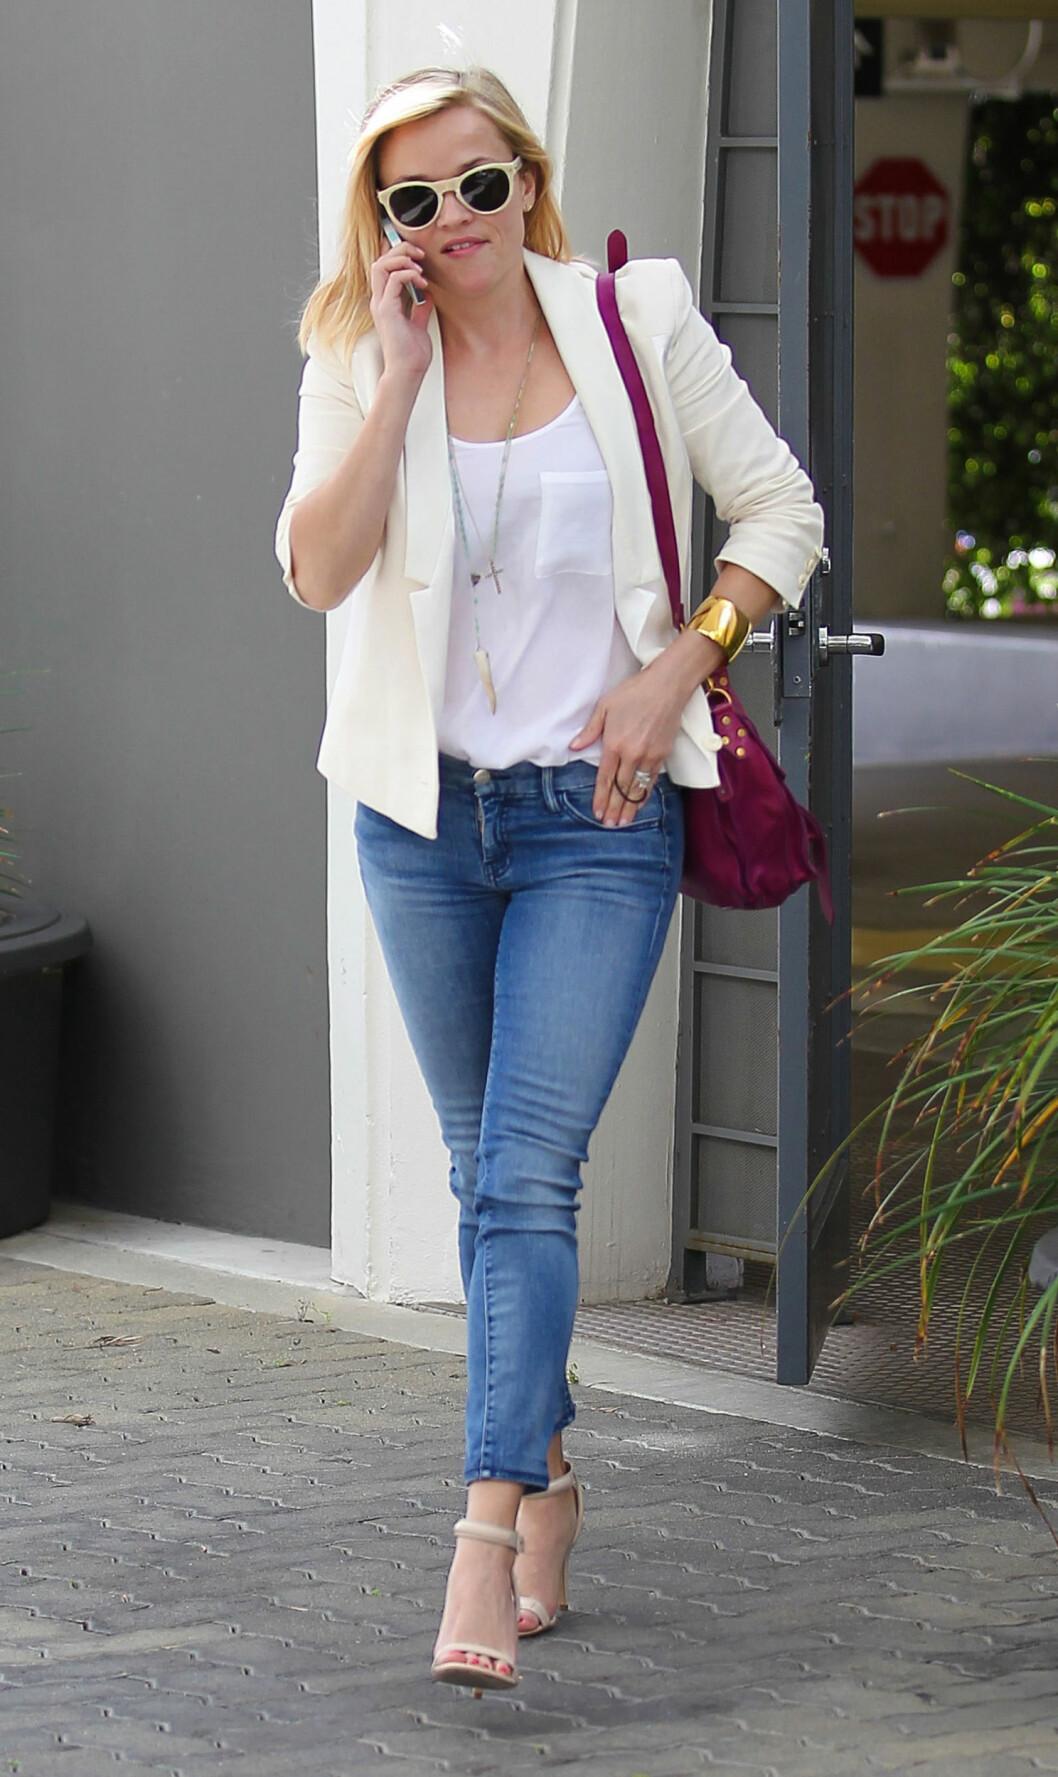 FEMININ: Hollywoodstjerne og Oscar-vinner Reese Witherspoon ser smashing ut i jeans, hvit t-skjorte og hvit smokinginspirert blazer.  Foto:  All Over Press